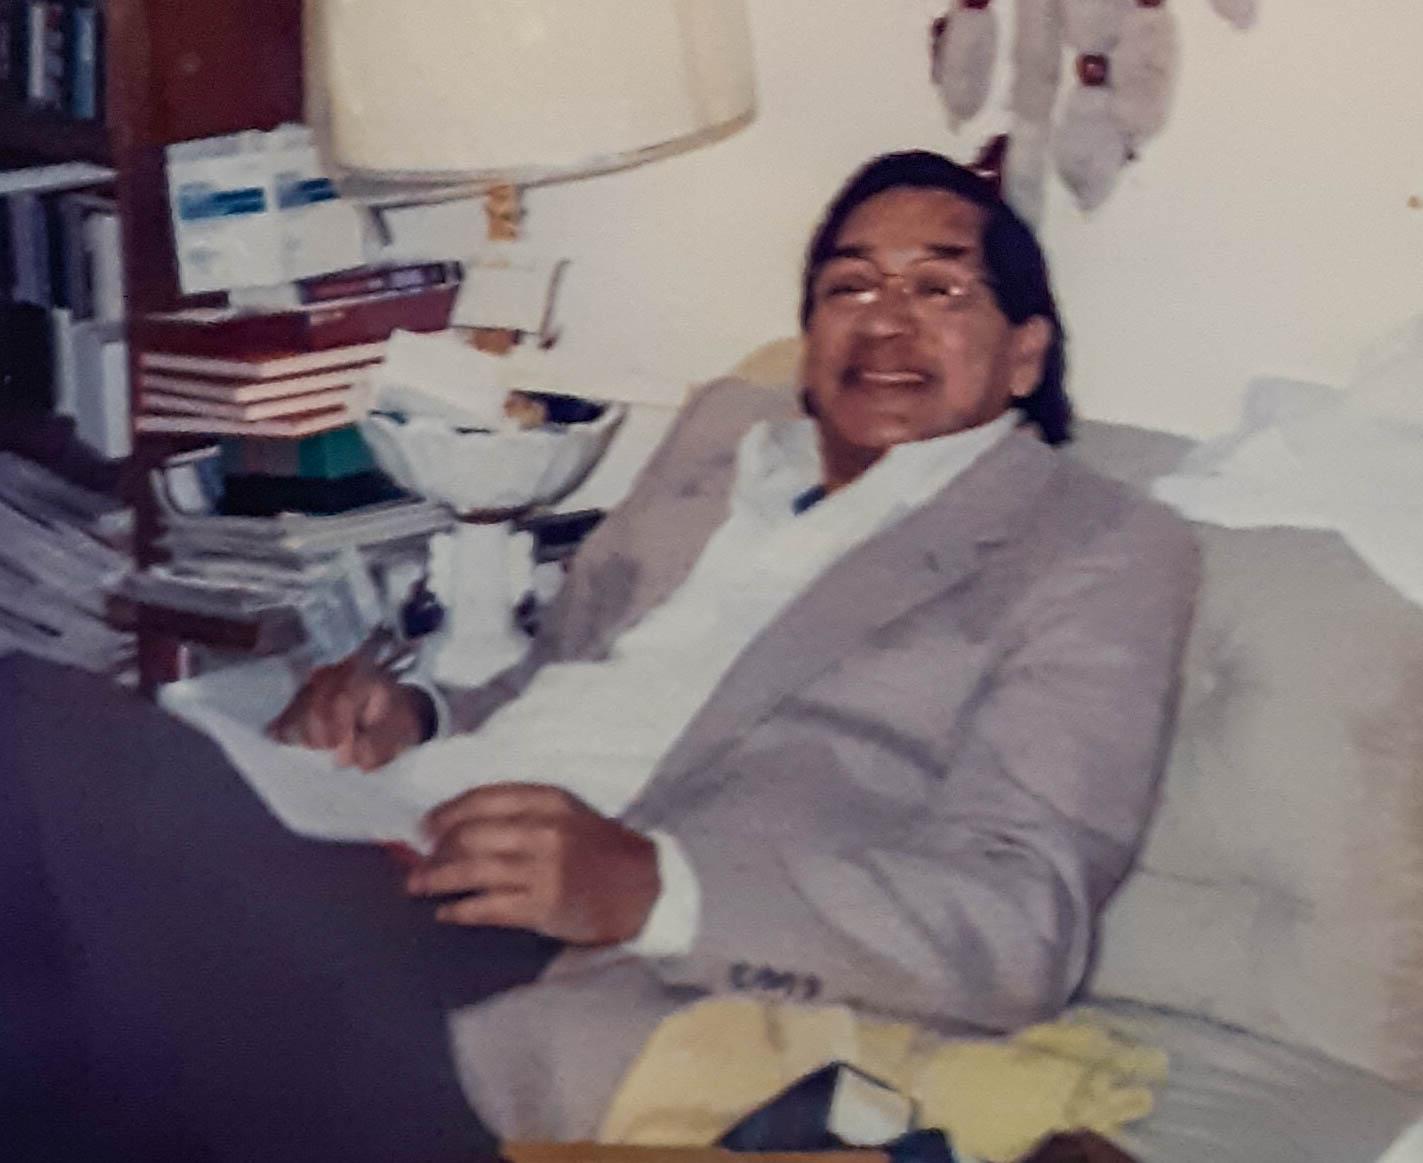 Raymond Johnson, marido de Anne Marshall, foi identificado entre as 168 pessoas que morreram no bombardeio do edifício federal Alfred P. Murrah em 1995 em Oklahoma City. Foto cortesia da Conferência Anual Missionária Indiana de Oklahoma.